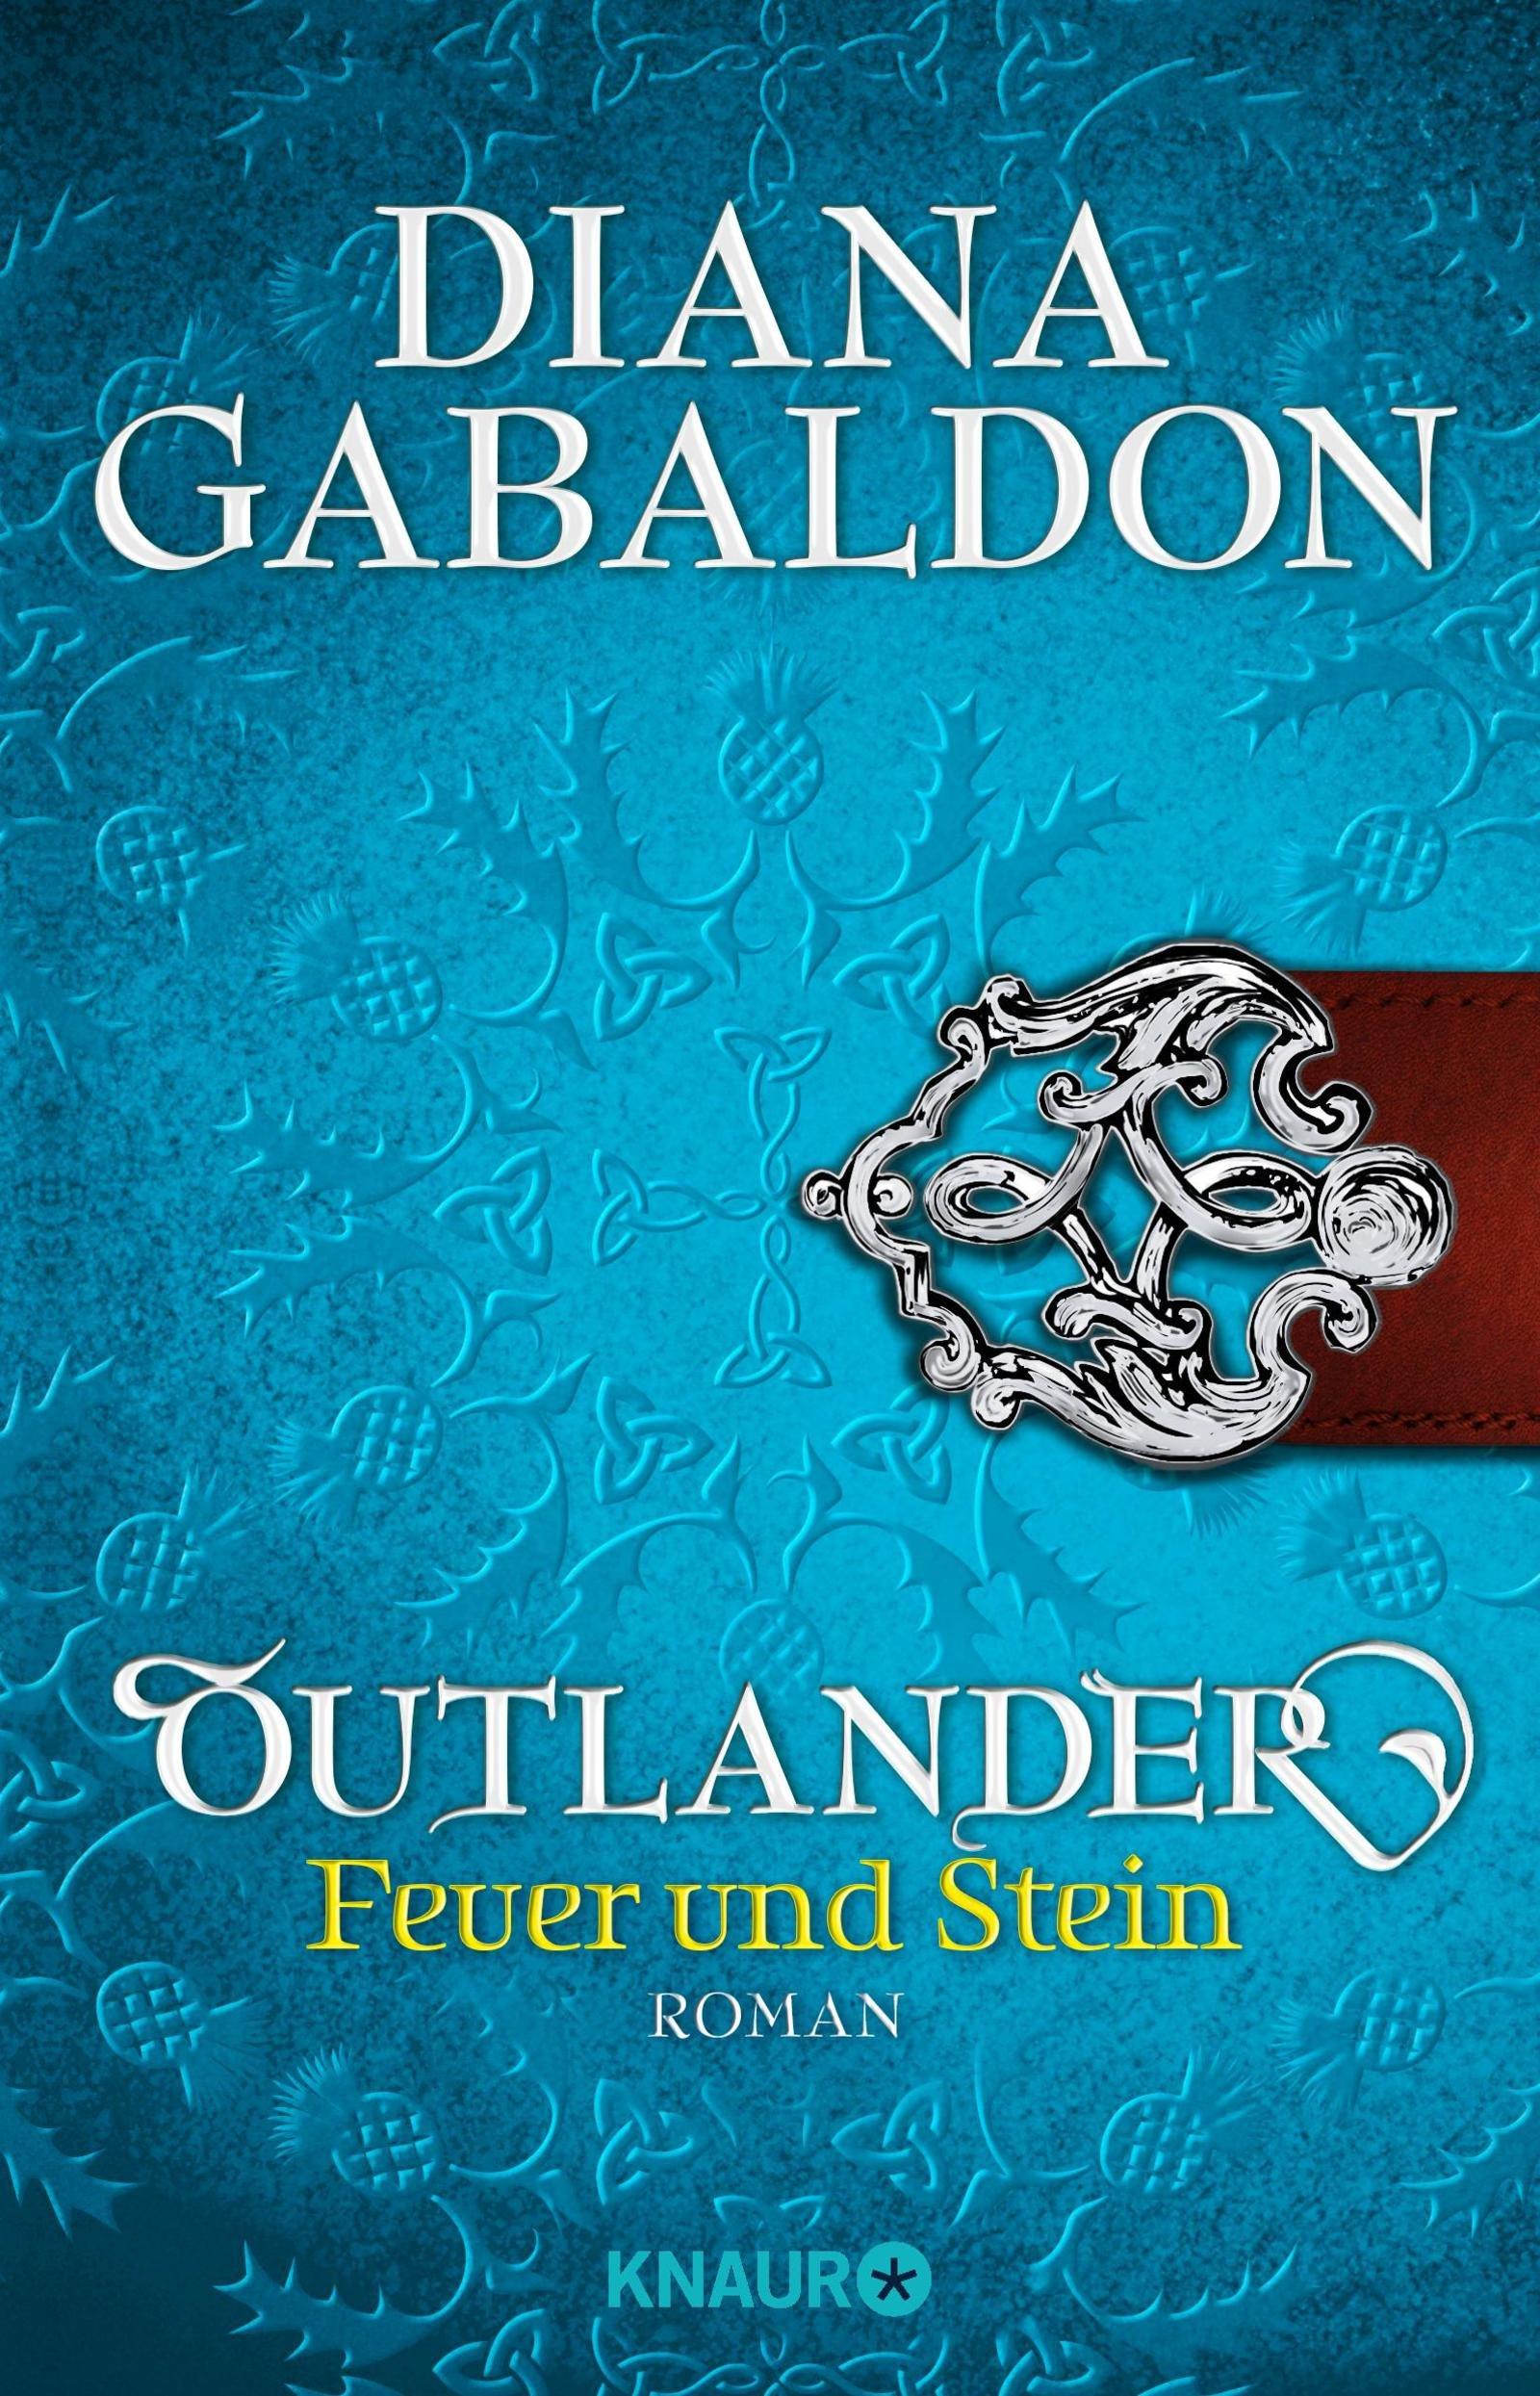 Outlander – Feuer und Stein (Outlander, #1)